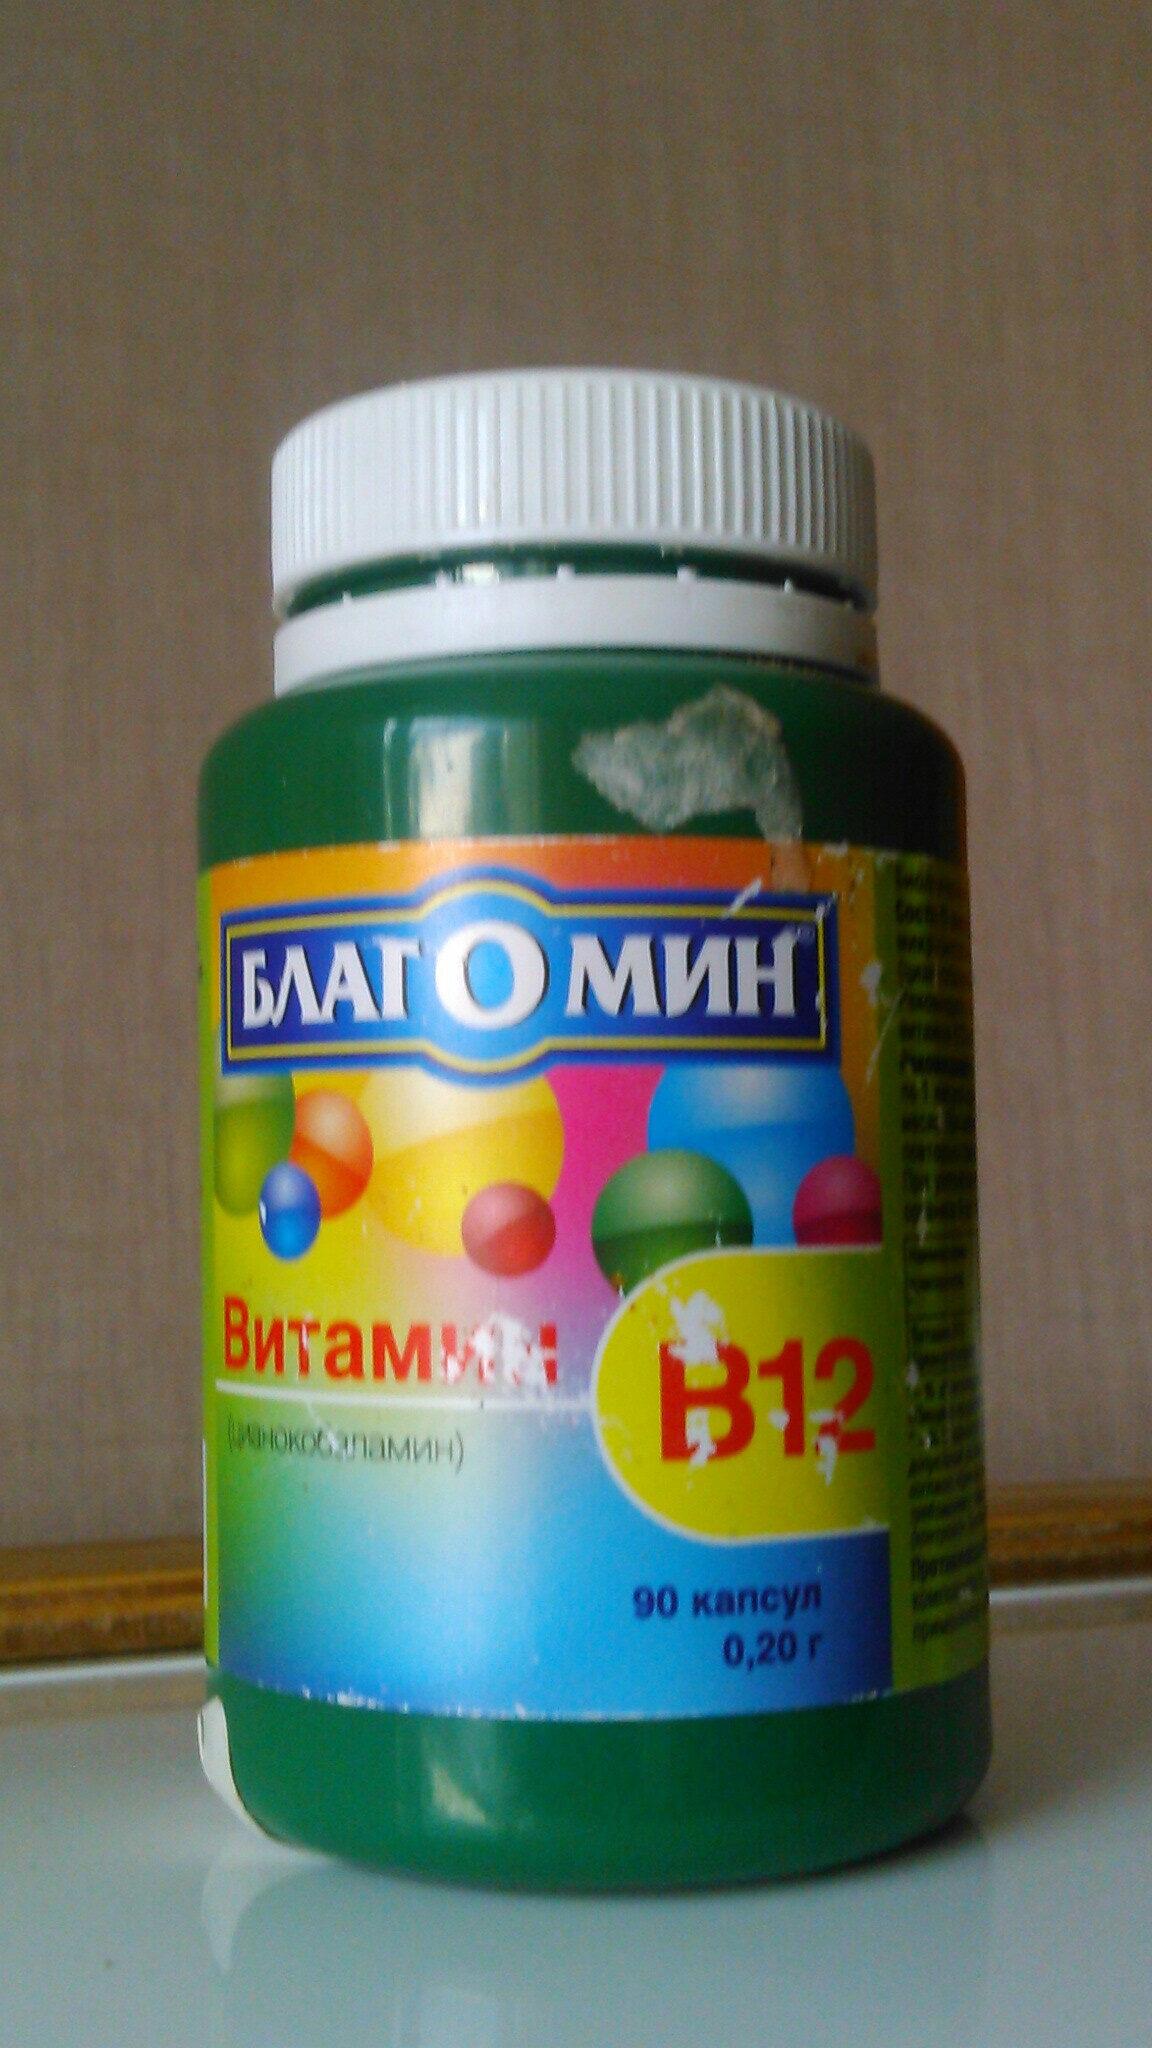 Витамин В12 - Product